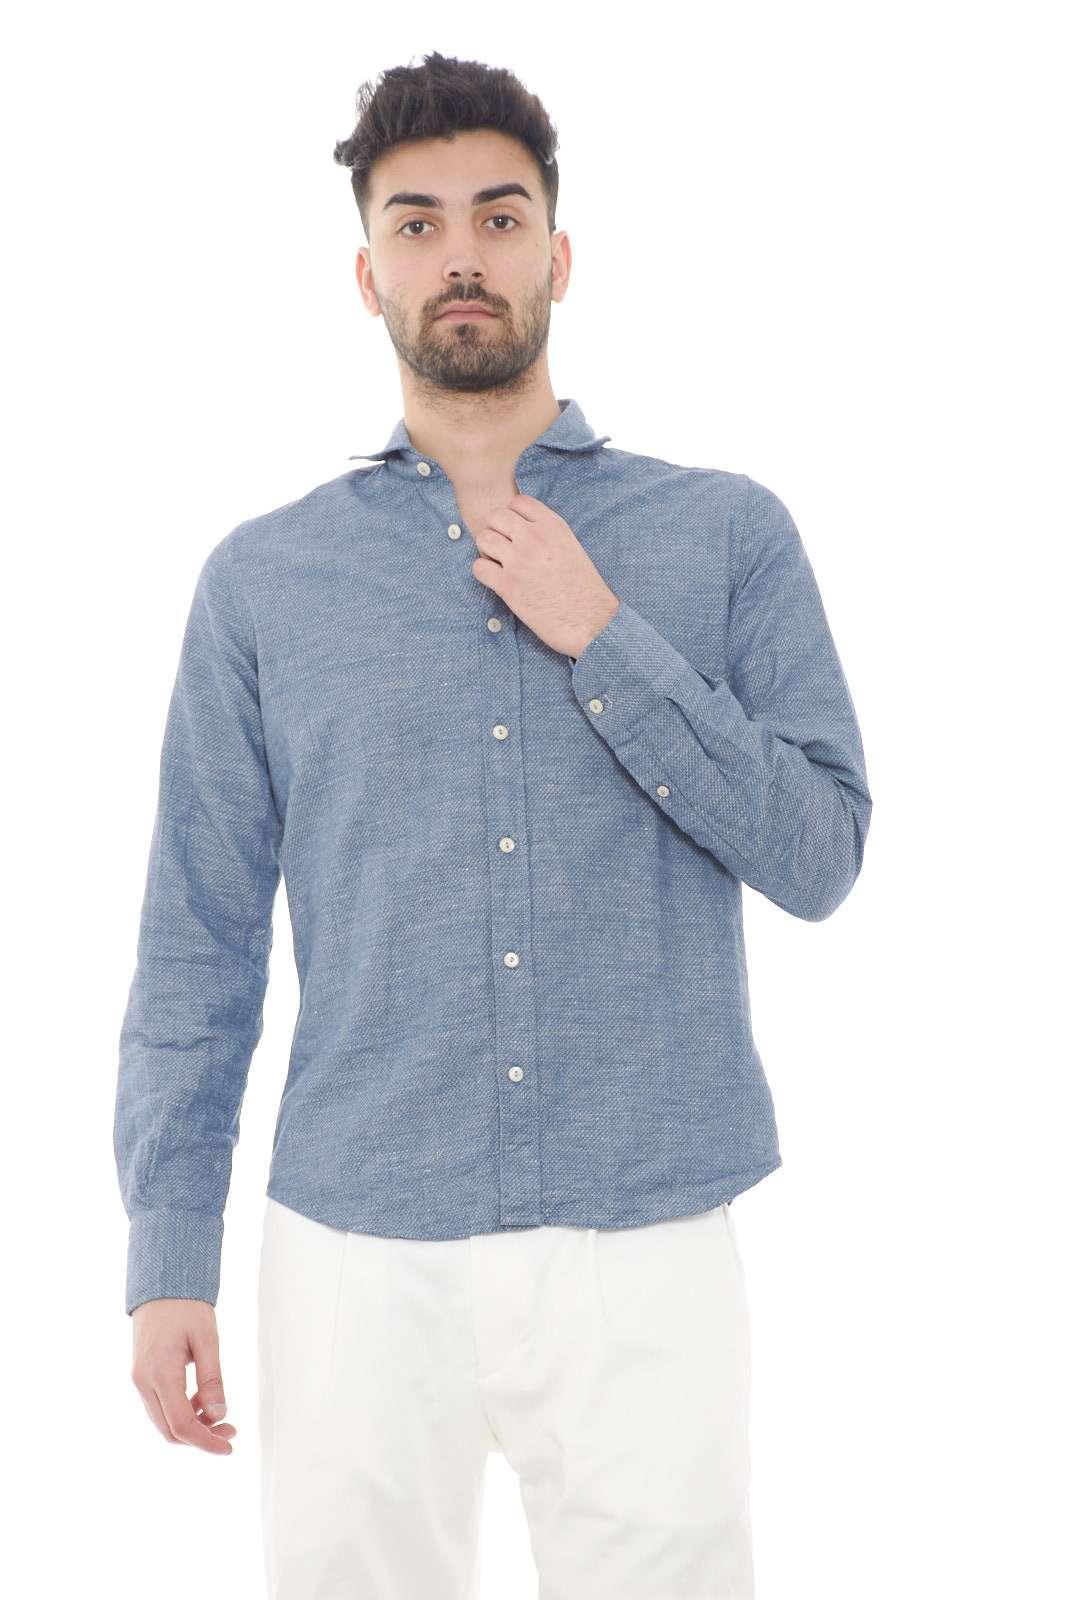 Una camicia in microlavorazione quella firmata Portofiori. Sarà l'ideale per le tue occasioni più importanti, dove abbinata con una pantalone, o anche un jeans, risulterà irresistibile.